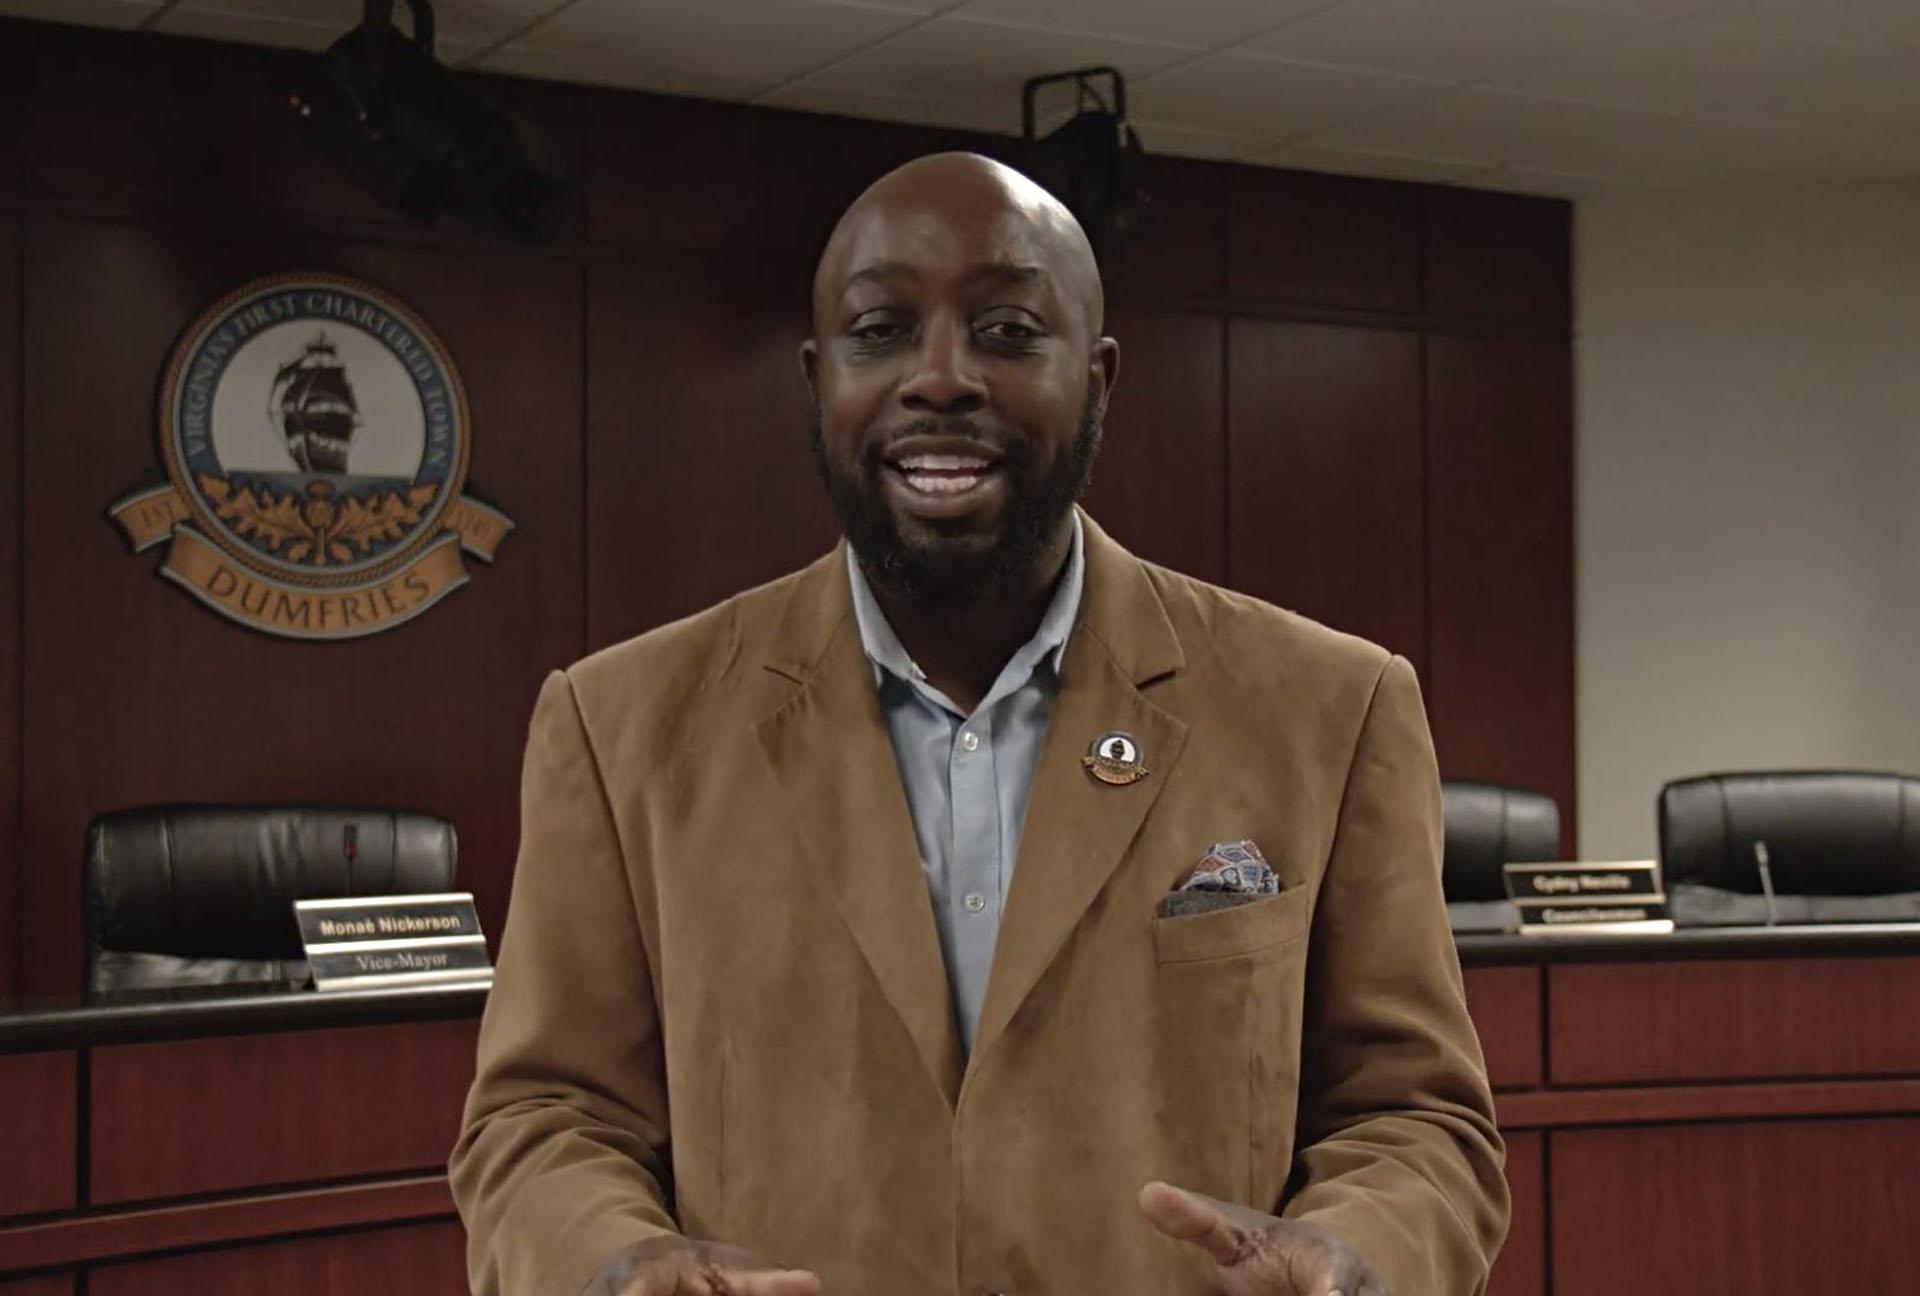 Mayor essay contest entries due Dec. 31